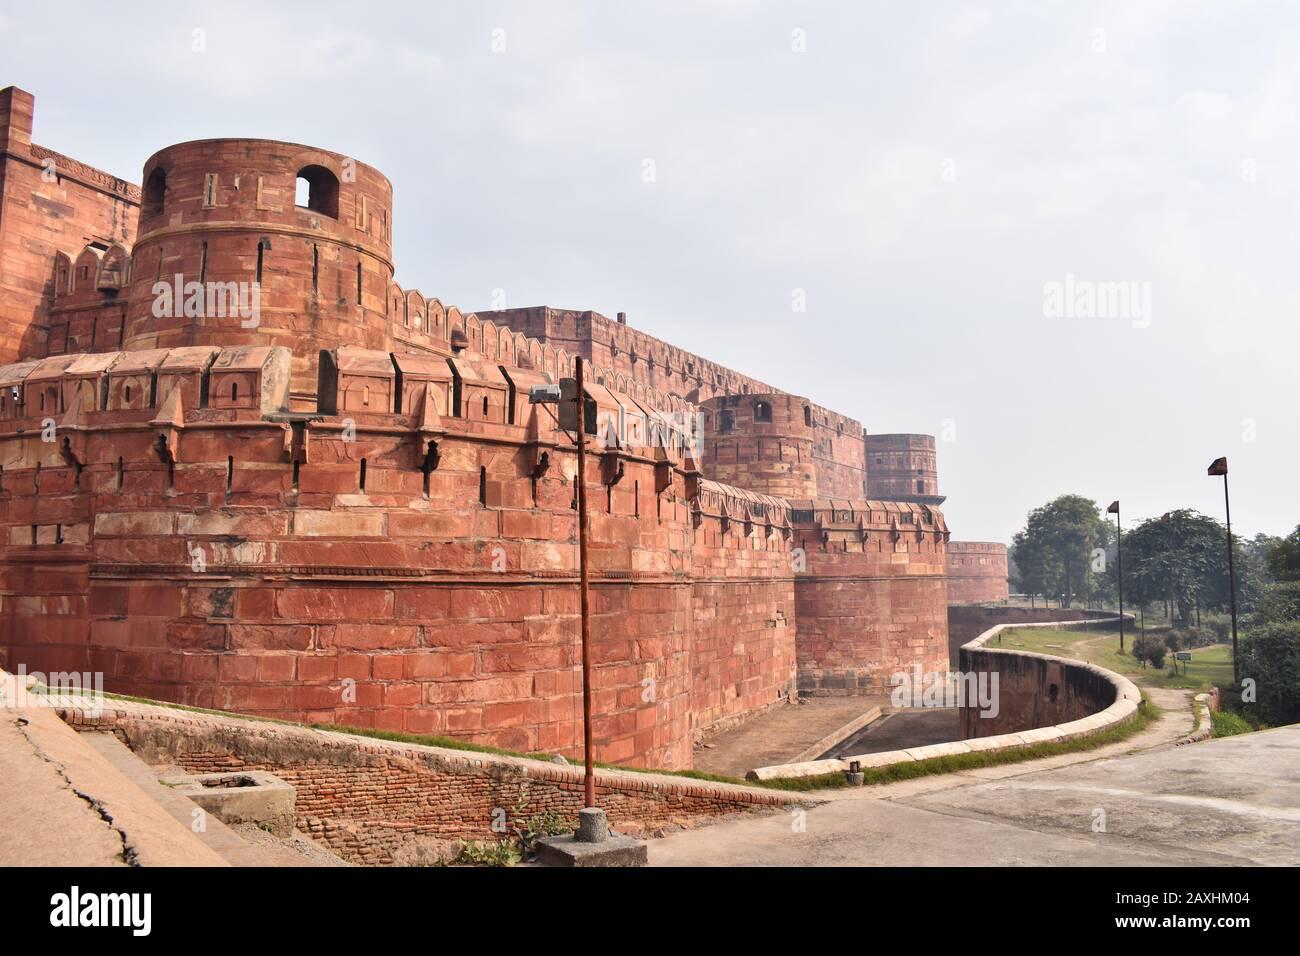 Vista lateral del fuerte de Agra, fortaleza del siglo XVI de piedra arenisca roja situada en el río Yamuna, Agra, Uttar Pradesh, India Foto de stock